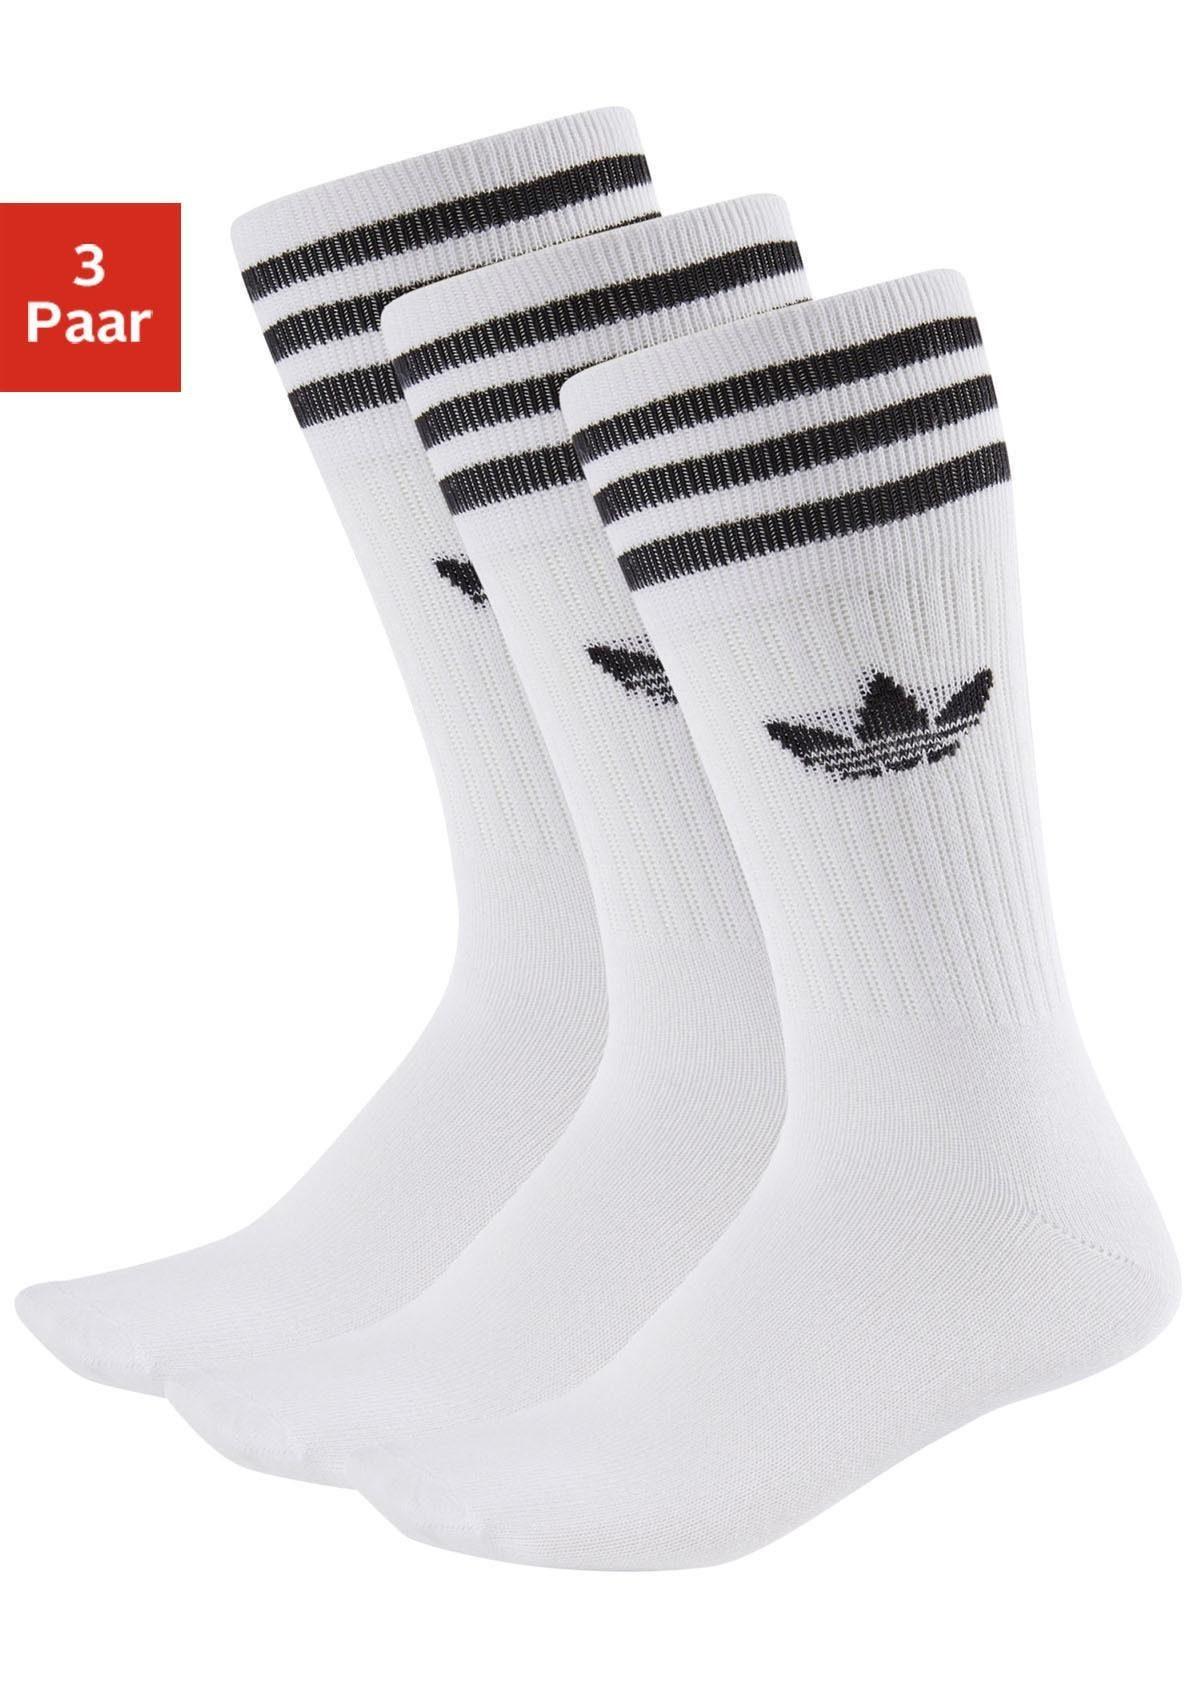 adidas Originals Tennissocken (3 Paar) mit Streifen am Bund